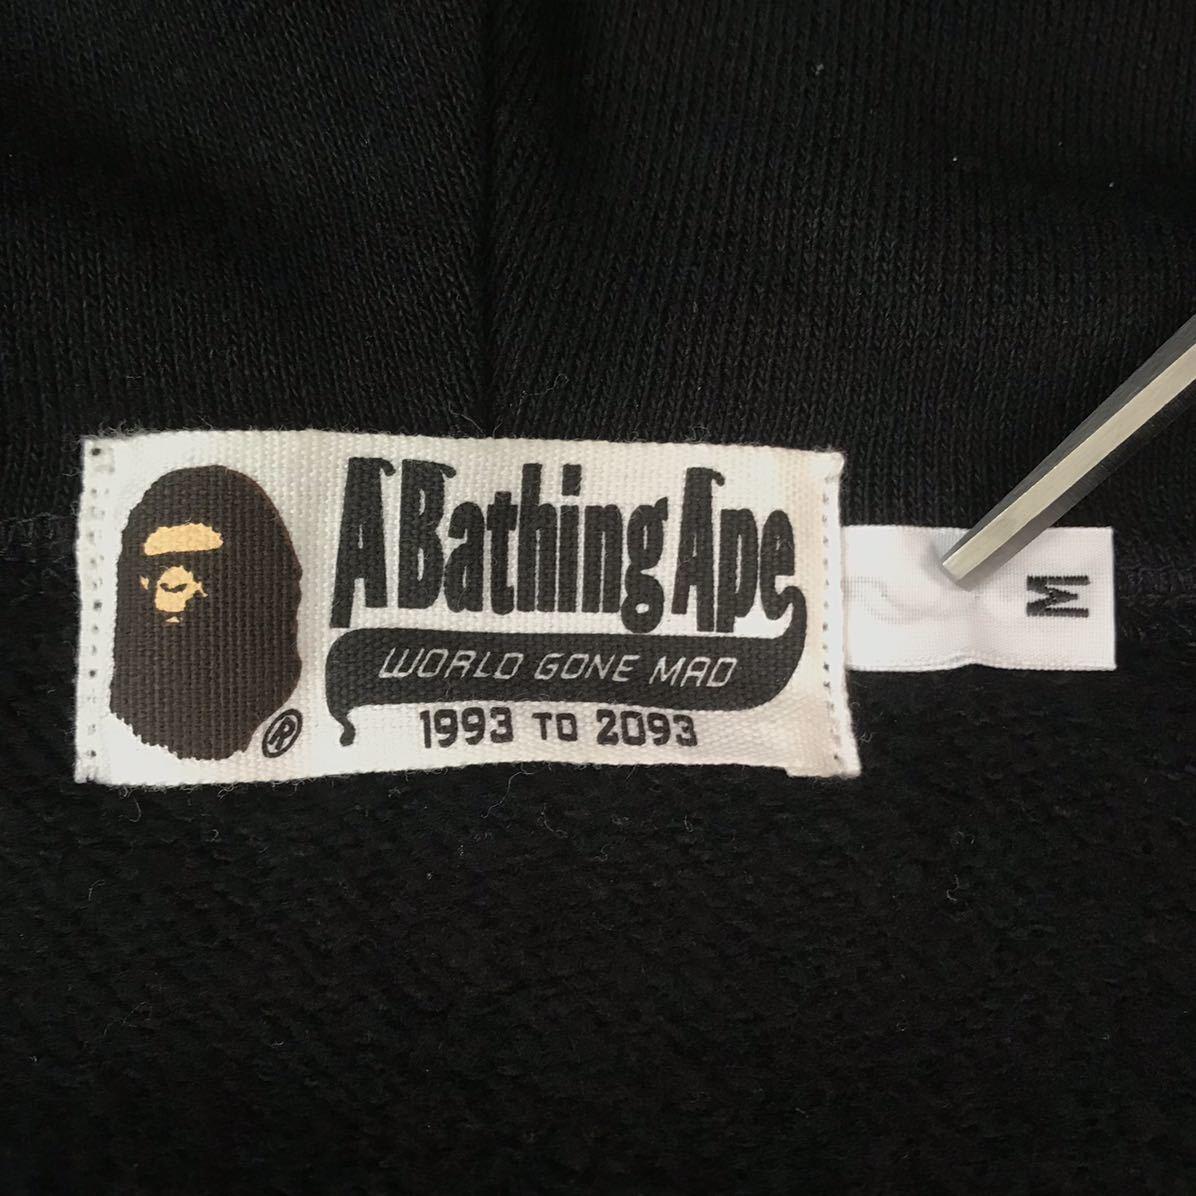 シャーク パーカー ベスト Mサイズ shark full zip hoodie vest a bathing ape BAPE エイプ ベイプ アベイシングエイプ PONR 3693